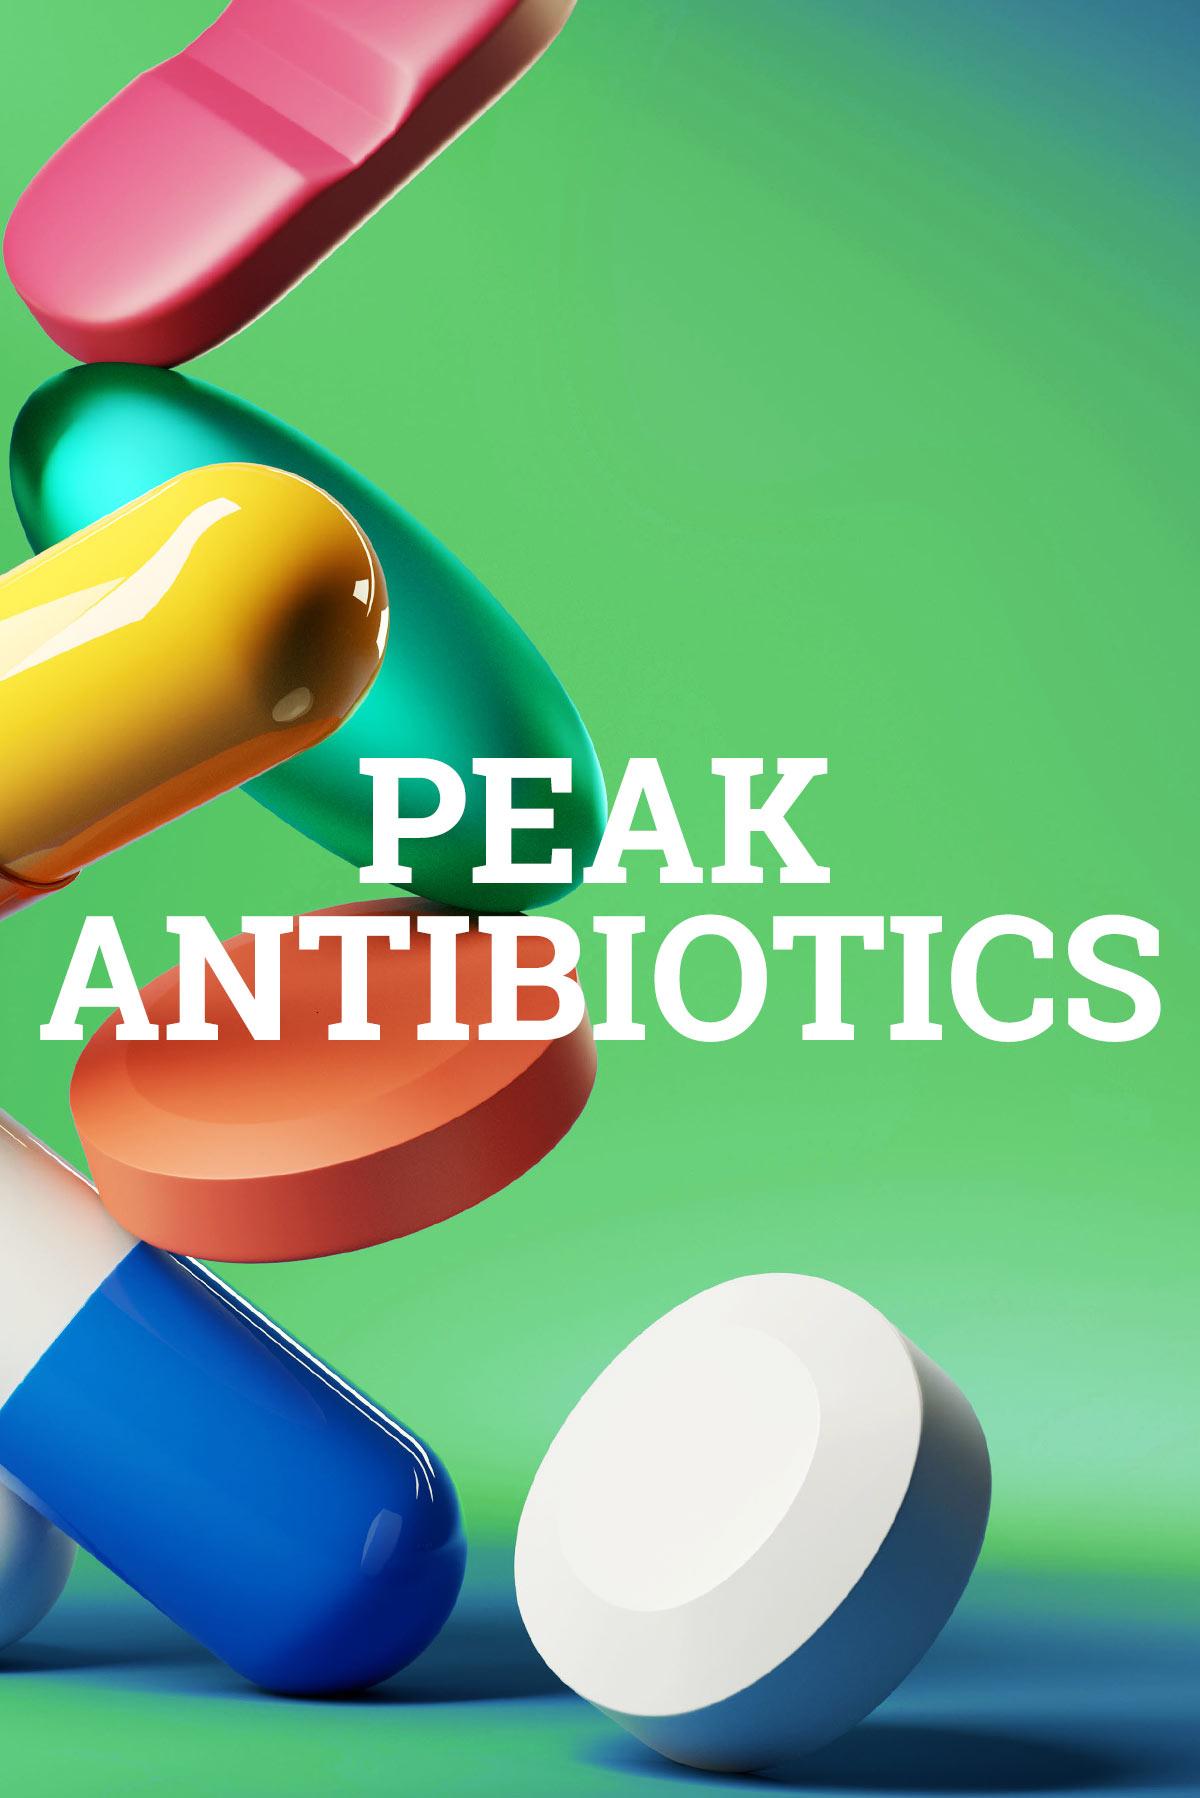 Peak Antibiotics